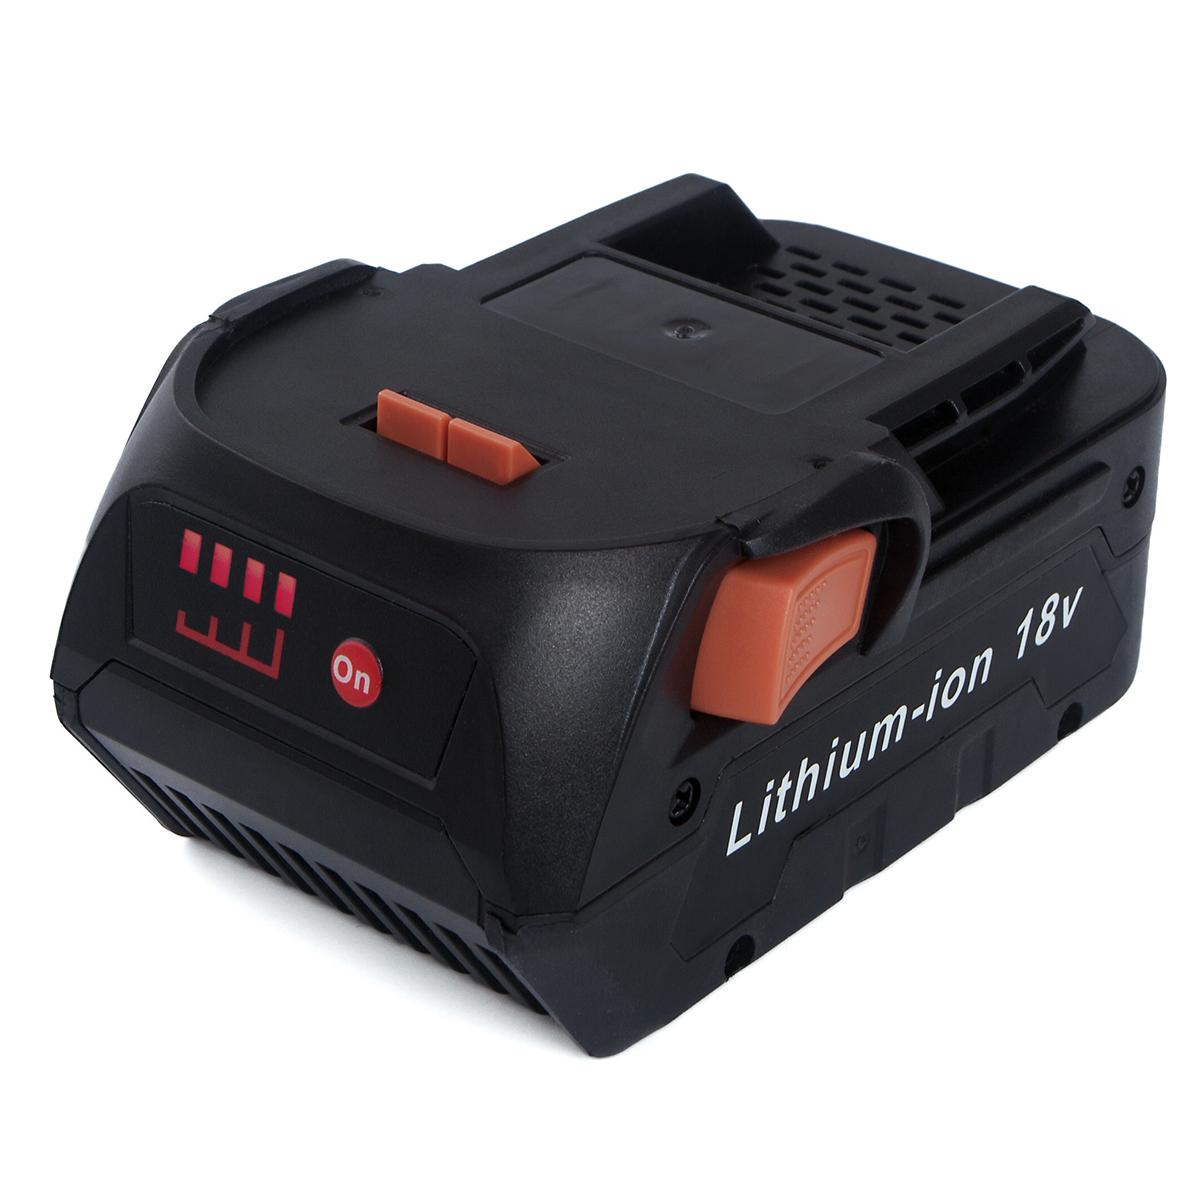 new 2 pack for ridgid 18v 18 volt hyper lithium. Black Bedroom Furniture Sets. Home Design Ideas